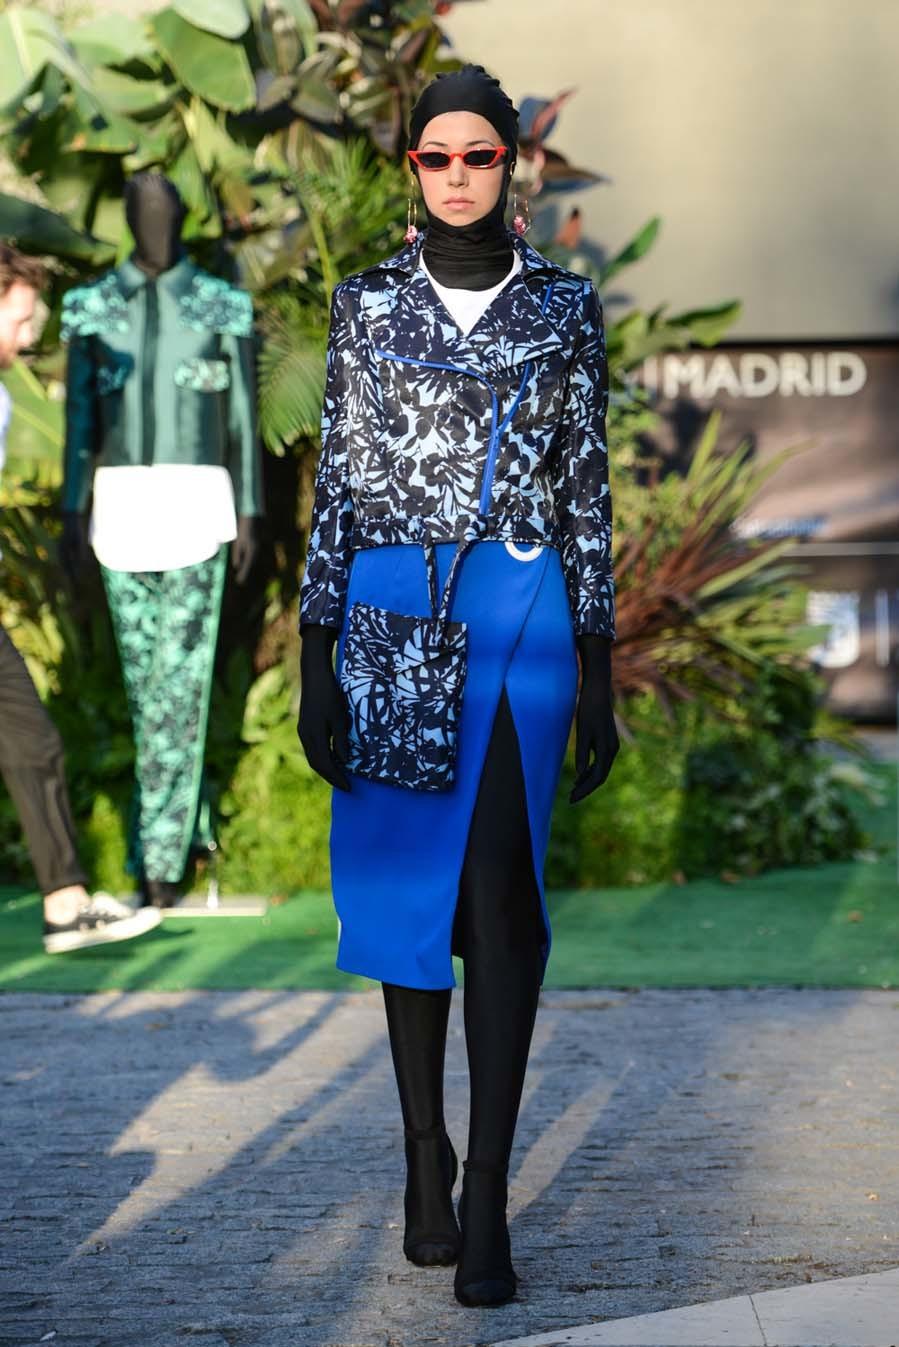 Desfile JC Pajares - Madrid Fashion Week - Colección primavera-verano...